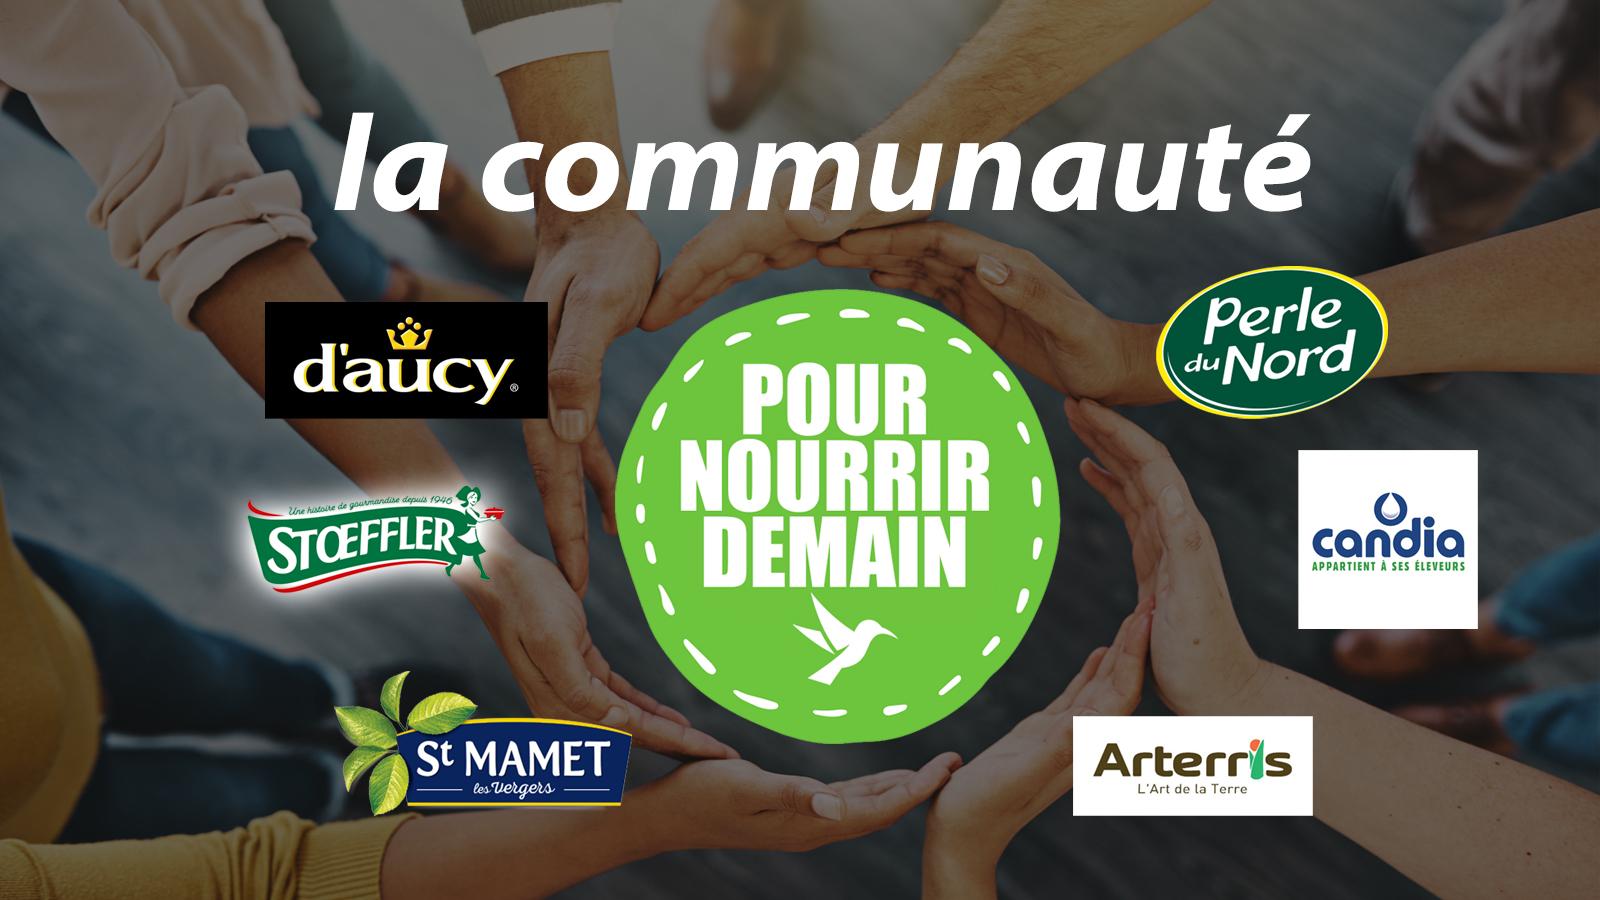 bandeau 3 - d'aucy, Stoeffler, Perle du Nord, Candia, Arterris et St Mamet rejoignent la Communauté Pour nourrir demain